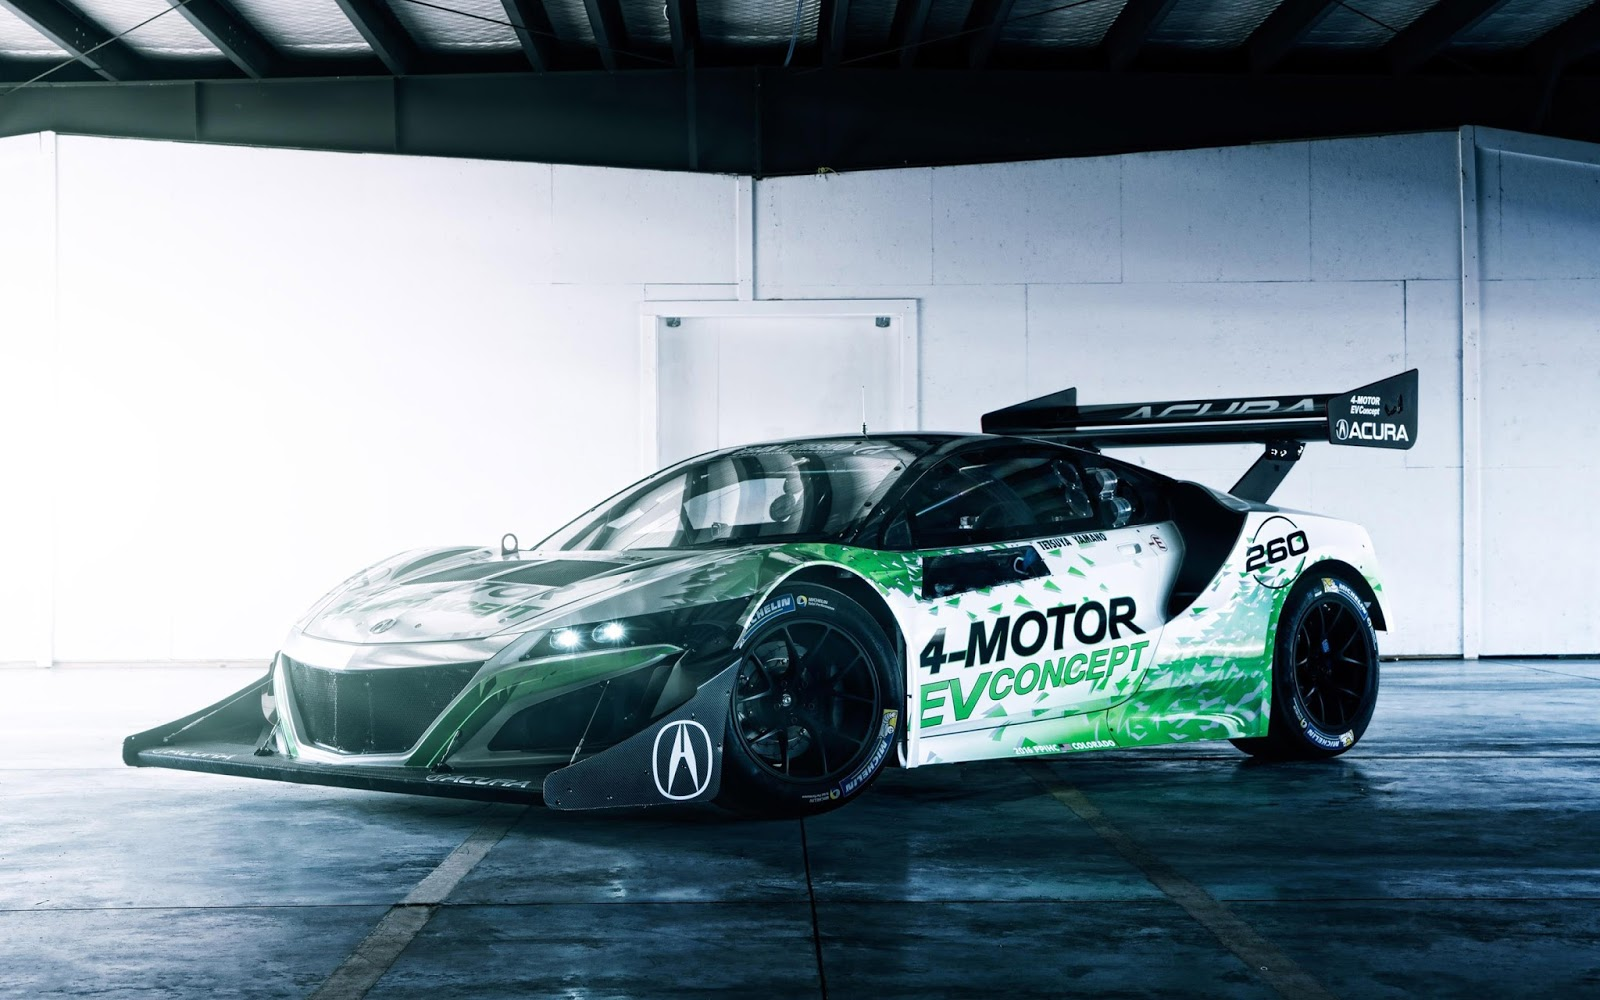 2016 Acura NSX EV Concept